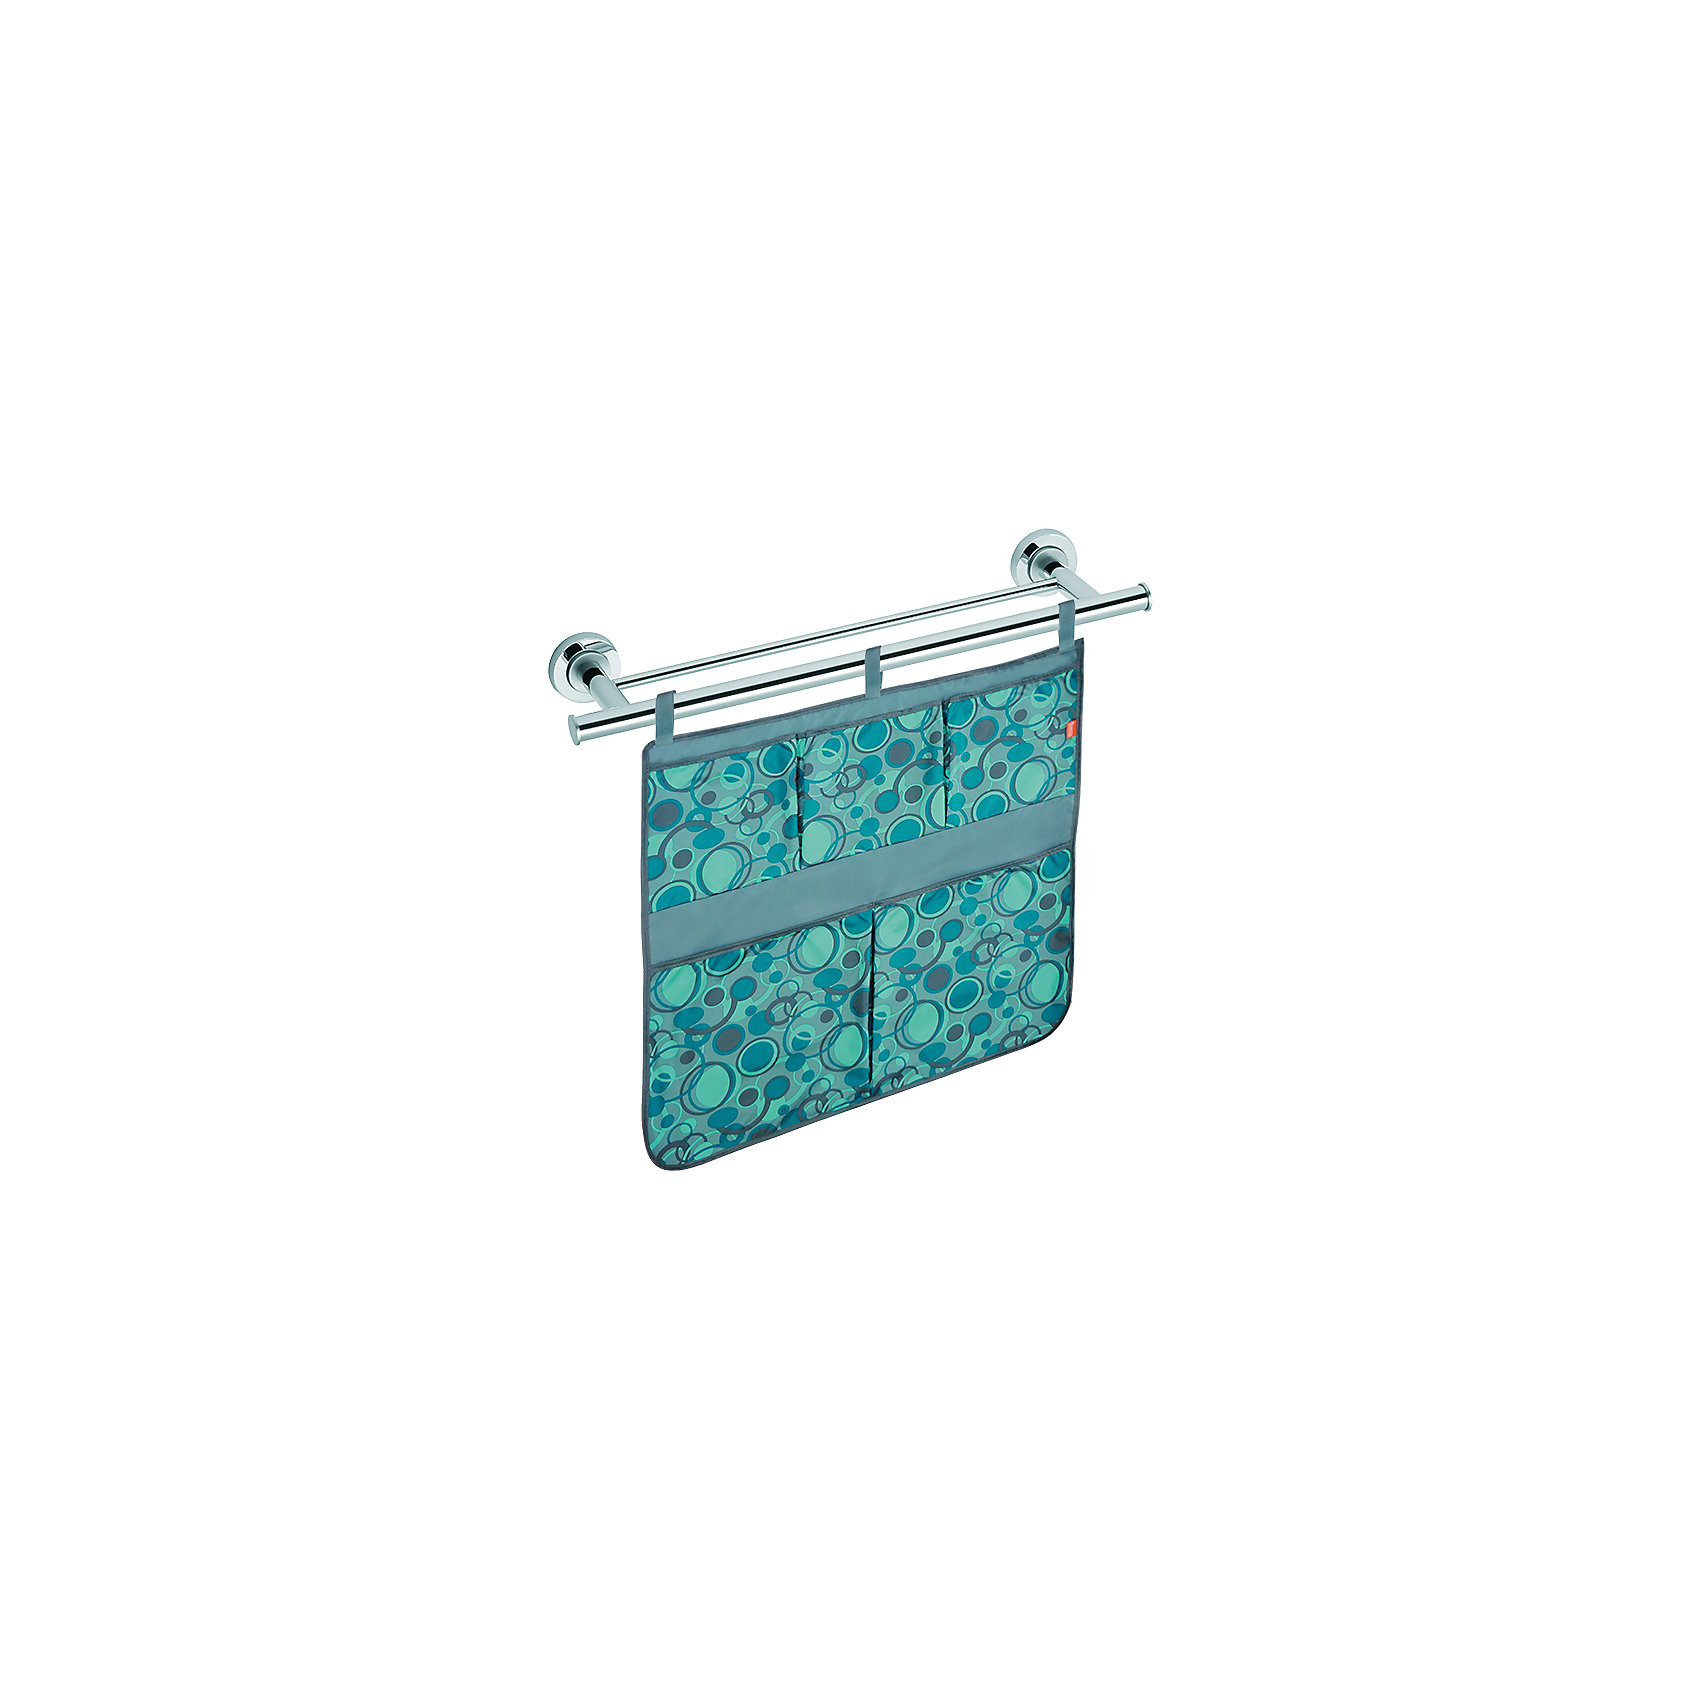 Органайзер на кроватку 60х62см, Витоша, стандартПостельное бельё<br>Характеристики:<br><br>• размер органайзера: 60х62 см;<br>• размер кроватки: 120х60 см;<br>• способ фиксации: крепления на липучках;<br>• материал: водонепроницаемая ткань, 100% полиэстер;<br>• наличие карманов: 5 шт.<br><br>Размер упаковки:30х22х2 см<br>Вес: 270 г<br><br>Органайзер «Витоша» предназначен для хранения детских вещей и аксессуаров, предметов гигиены, игрушек. Карманы расположены в два ряда, в верхней части органайзера расположено 3 кармана маленького размера, внизу – 2 кармана большого размера. Все вещи будут расположены на своих местах в быстрой доступности. <br><br>Органайзер на кроватку 60х62см, Витоша, стандарт можно купить в нашем интернет-магазине.<br><br>Ширина мм: 220<br>Глубина мм: 300<br>Высота мм: 20<br>Вес г: 270<br>Возраст от месяцев: 0<br>Возраст до месяцев: 36<br>Пол: Унисекс<br>Возраст: Детский<br>SKU: 5500328